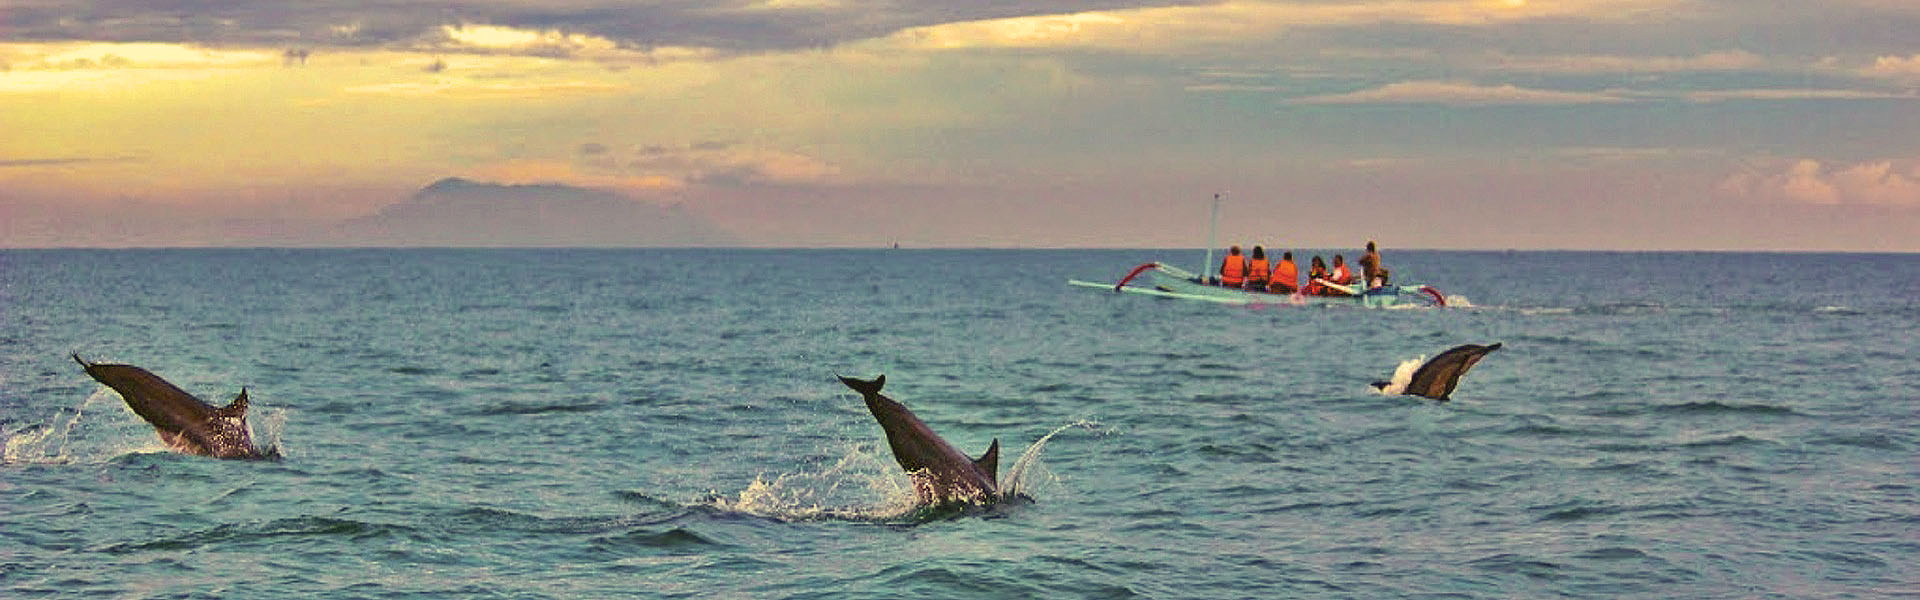 Lovina dolphin tours, Bali